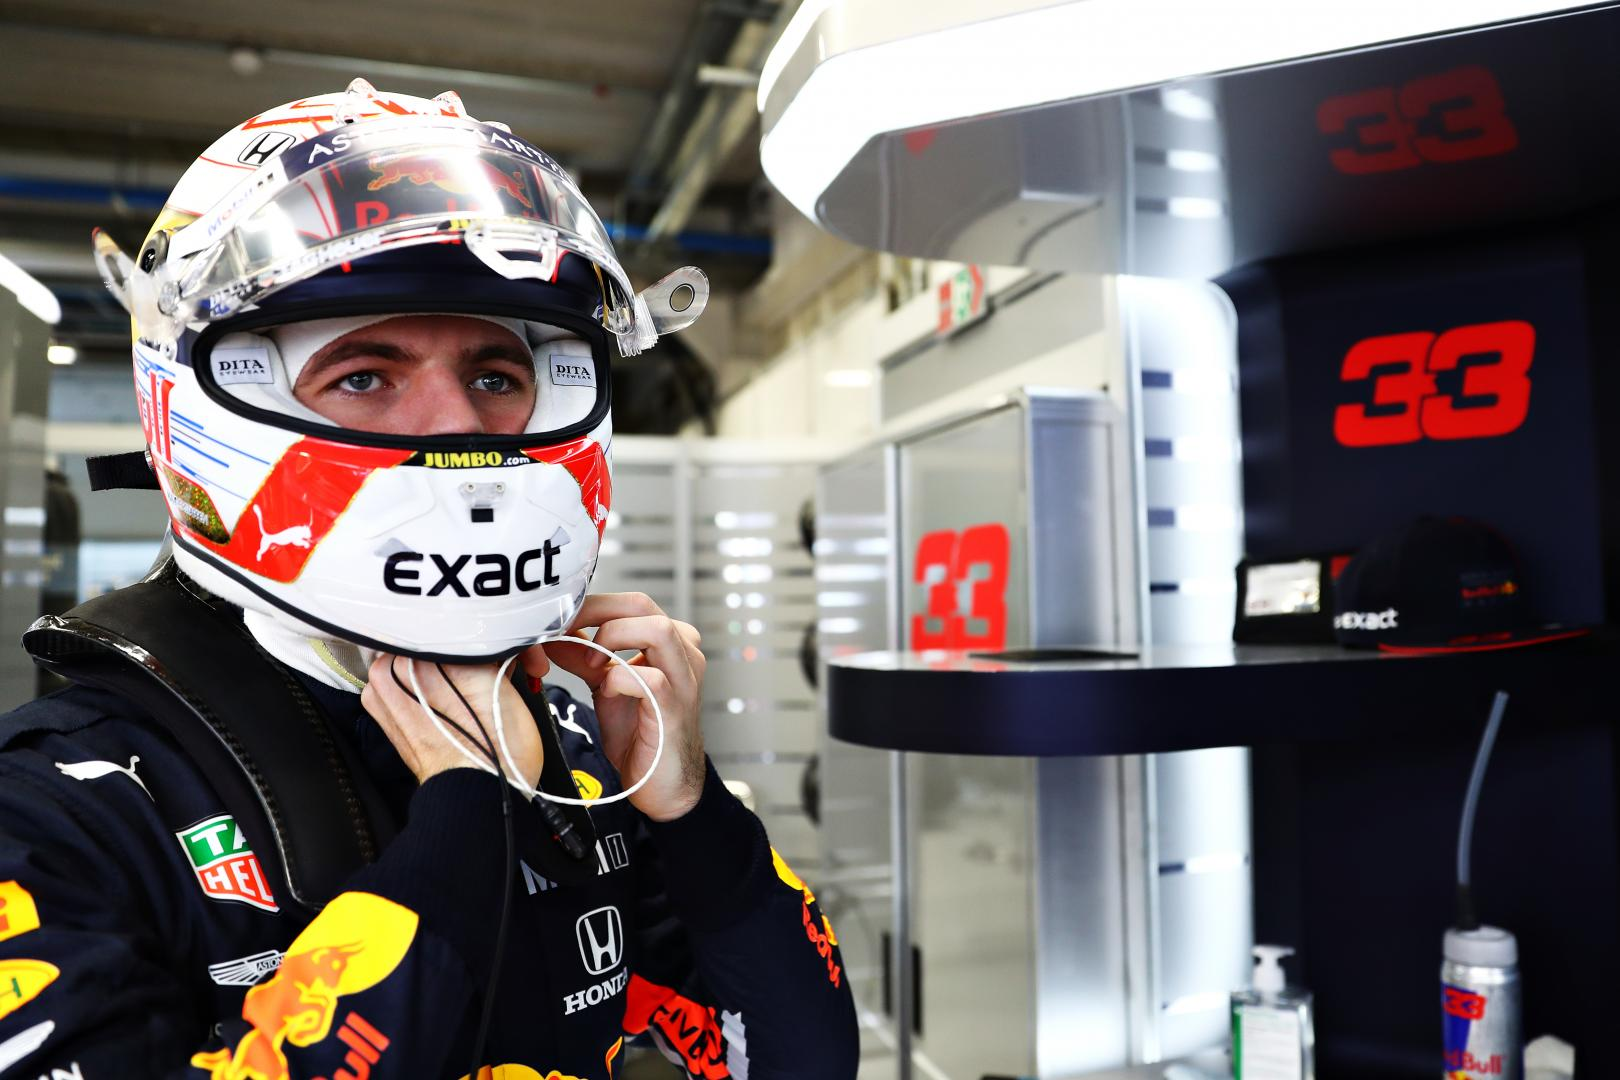 Max Verstappen GP van Brazilië 2019 in pitbox